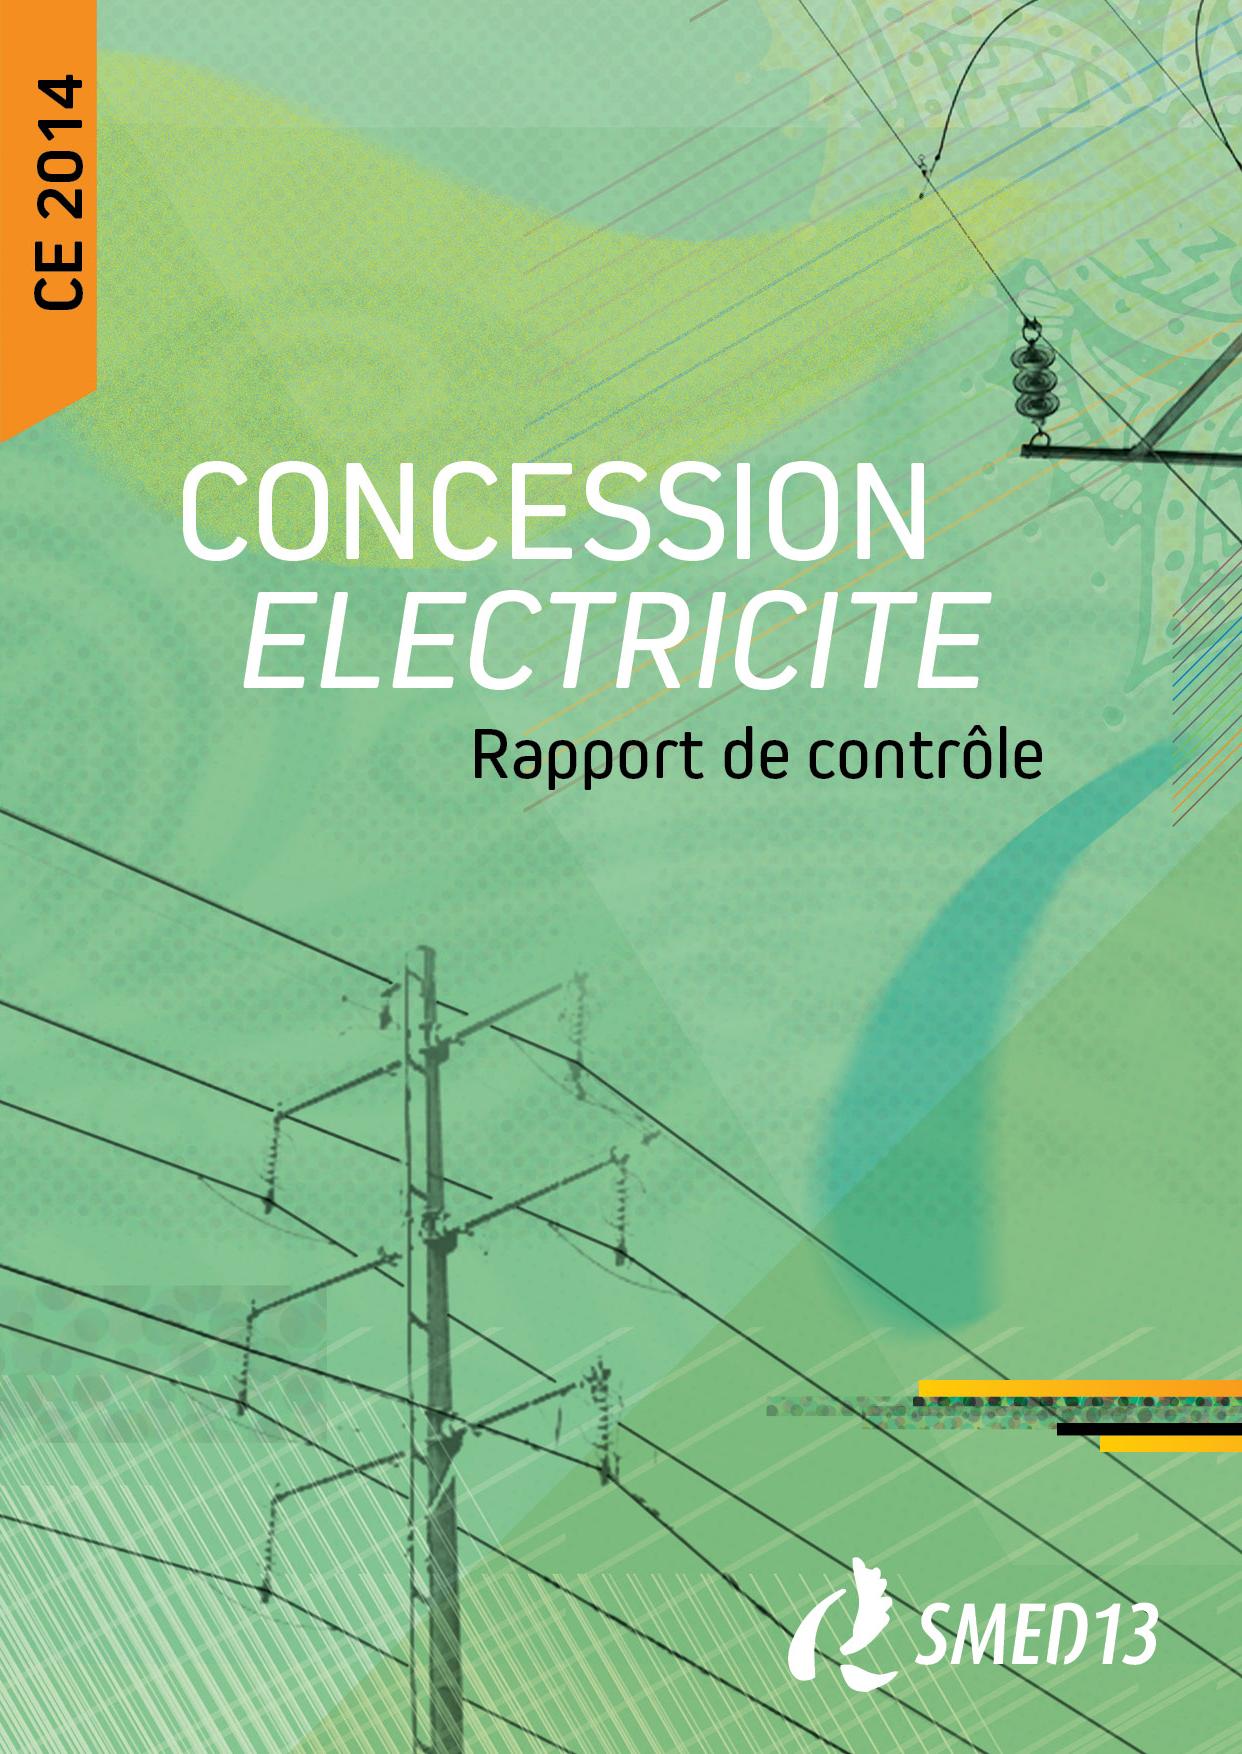 SMED13 - CONCESSION ELECTRICITE - Rapport de contrôle